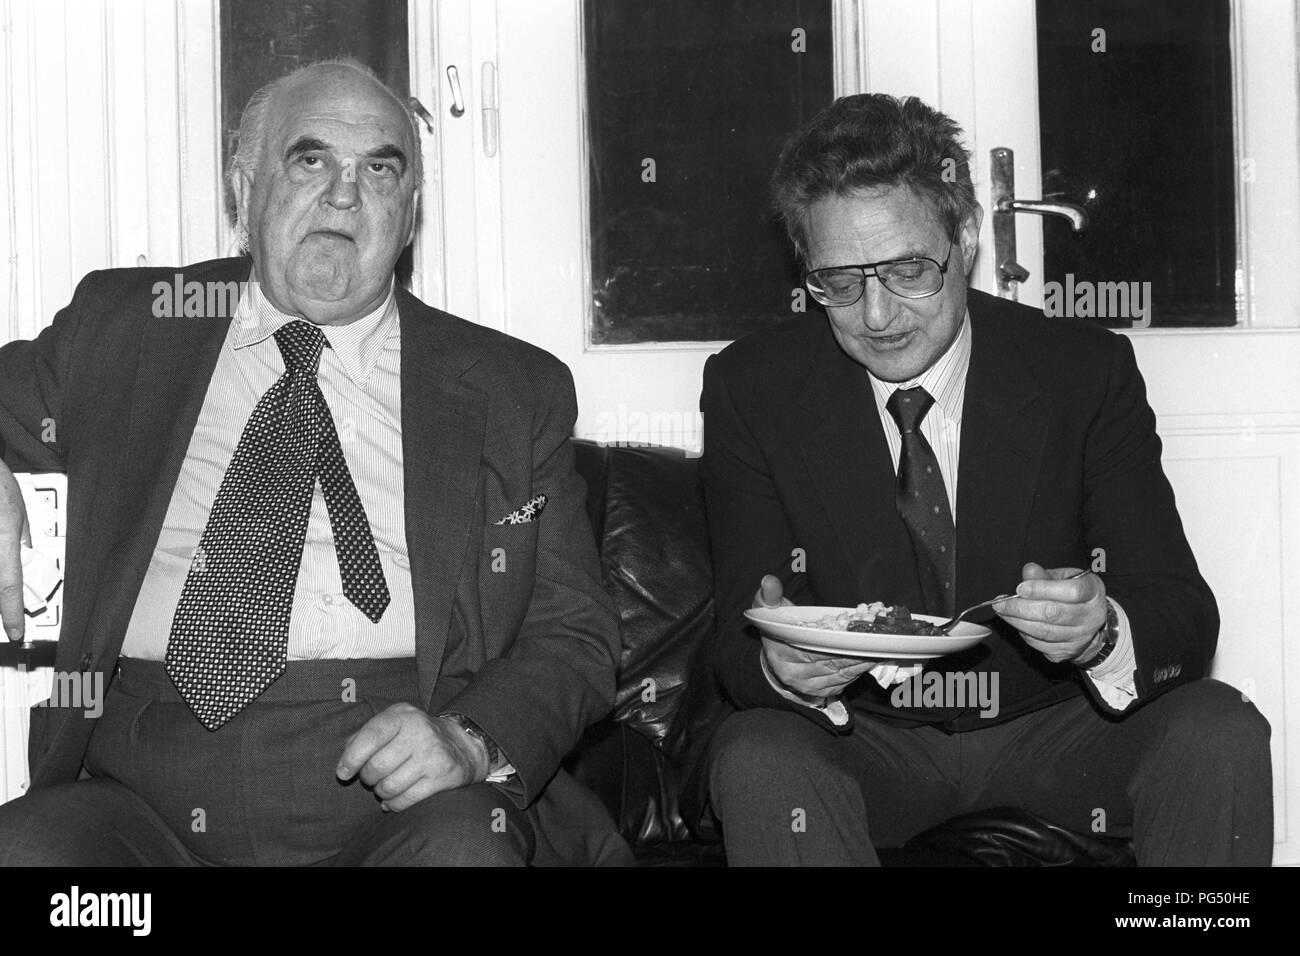 Lord George Weidenfeld (izquierda) y George Soros en una reunión del IWM (Institut fuer die Wissenschaft vom Menschen, Inglés: Instituto para las Ciencias Humanas) en Viena. Weidenfeld era un periodista y asesor del gobierno israelí. Soros parecían especialmente como inversor. Foto de stock